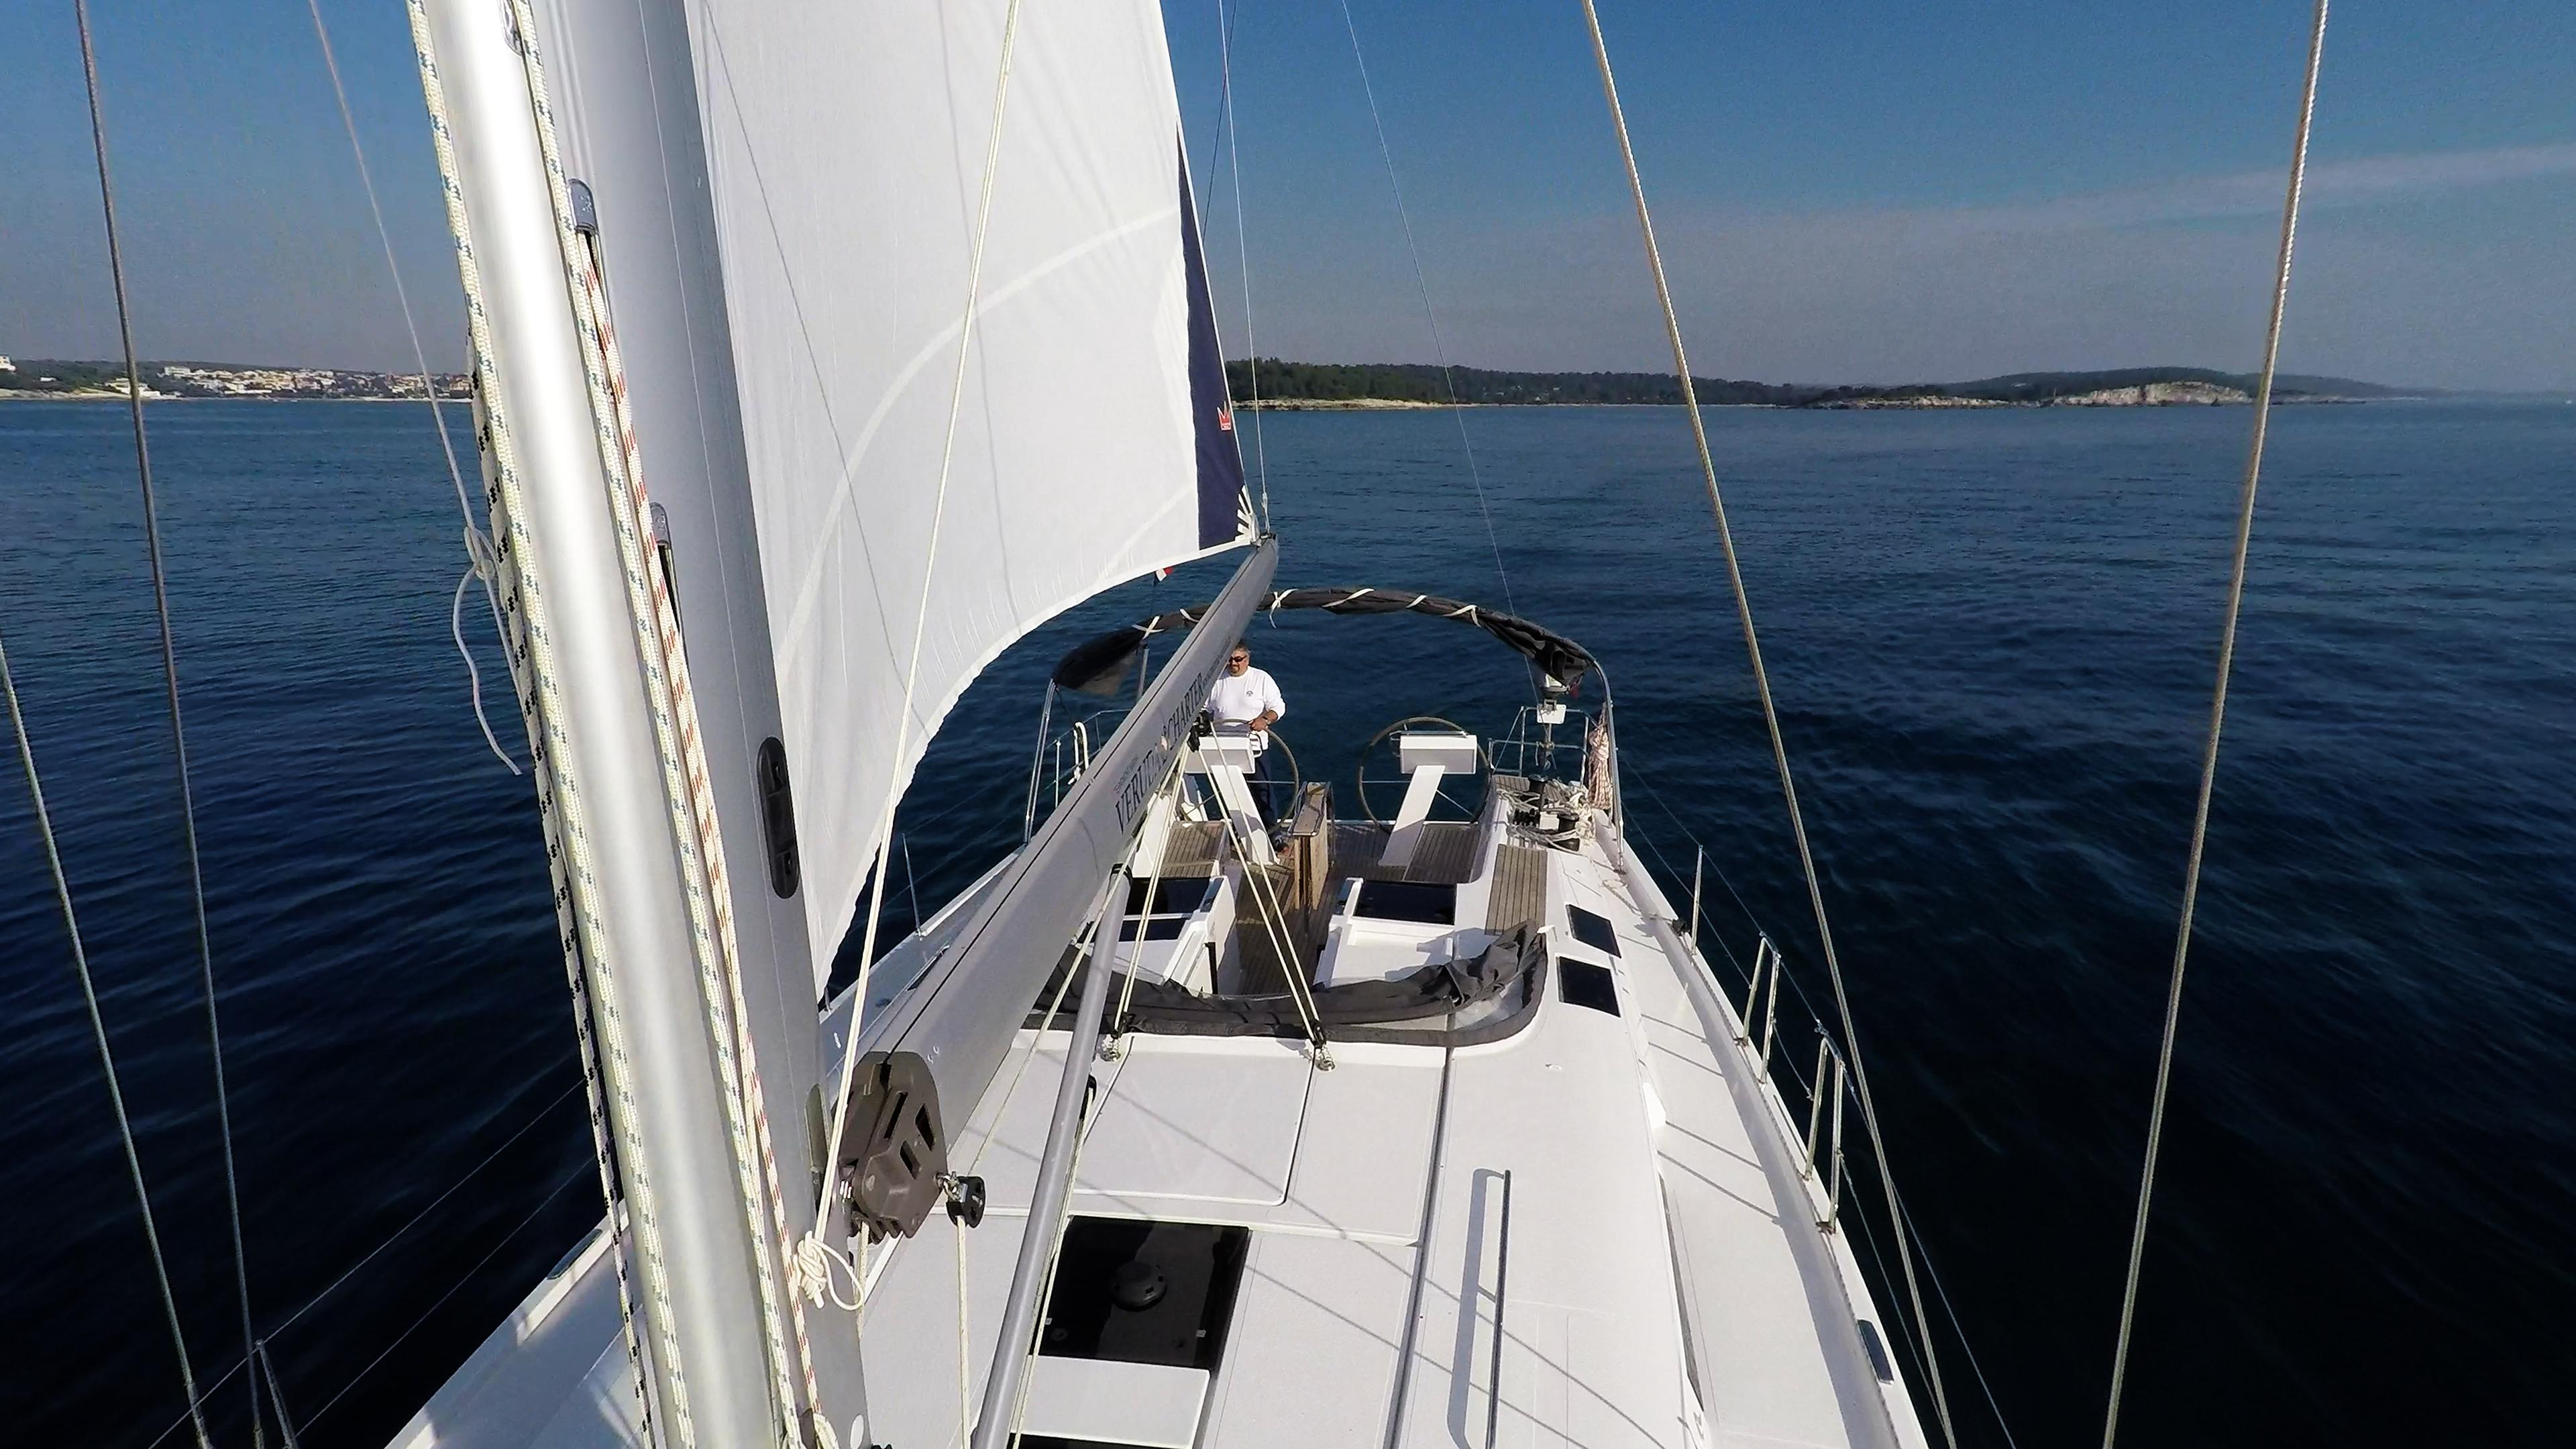 barcha a vela albero sartiame vele boma randa pontein teak pozzetto skipper yacht a vela Hanse 505